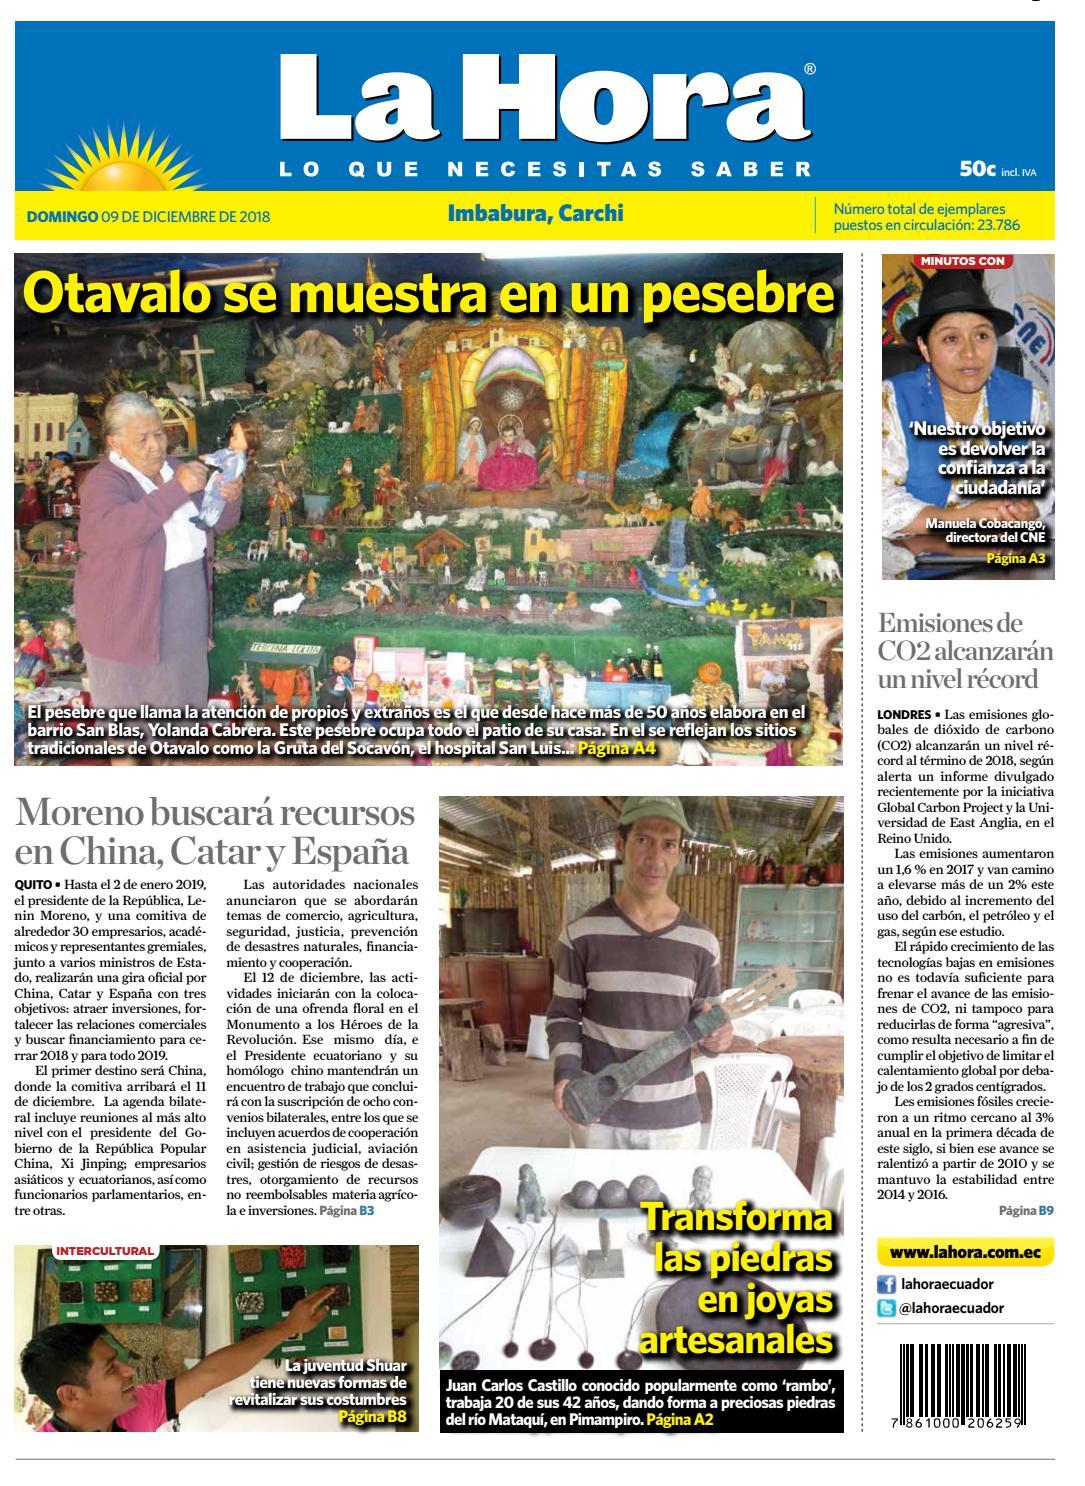 Issuu Diciembre 09 Diario La Hora De 2018 Imbabura Ecuador By oreQCBdxEW